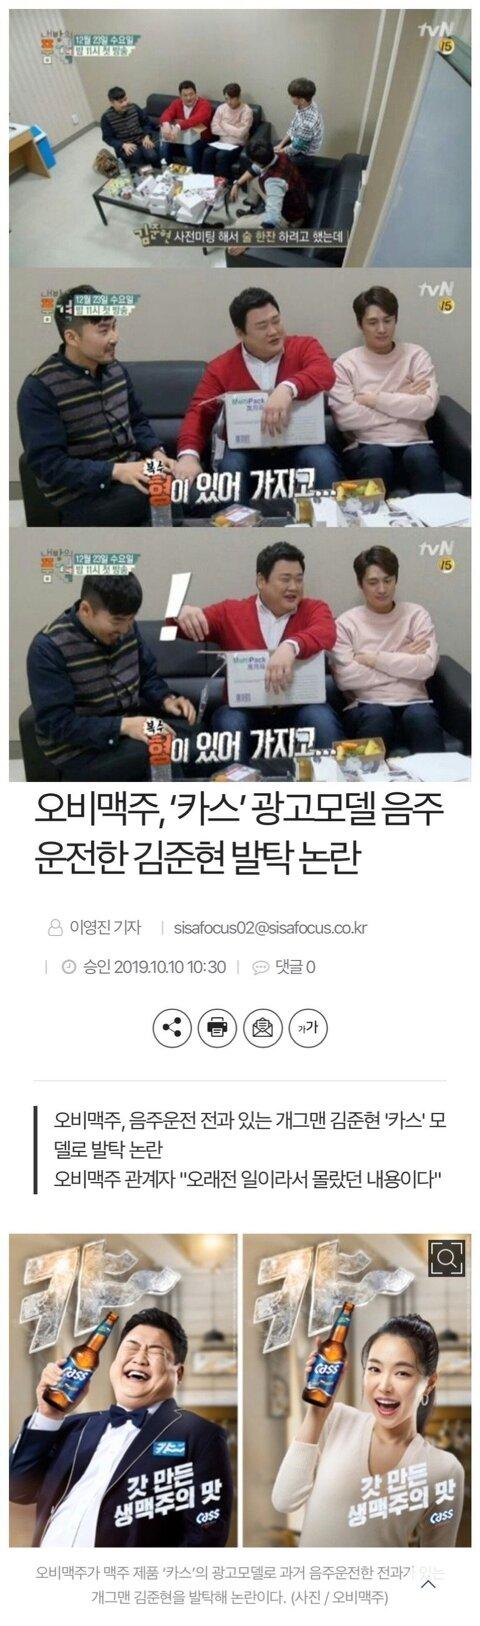 김준현은 양심이 없네요.jpg